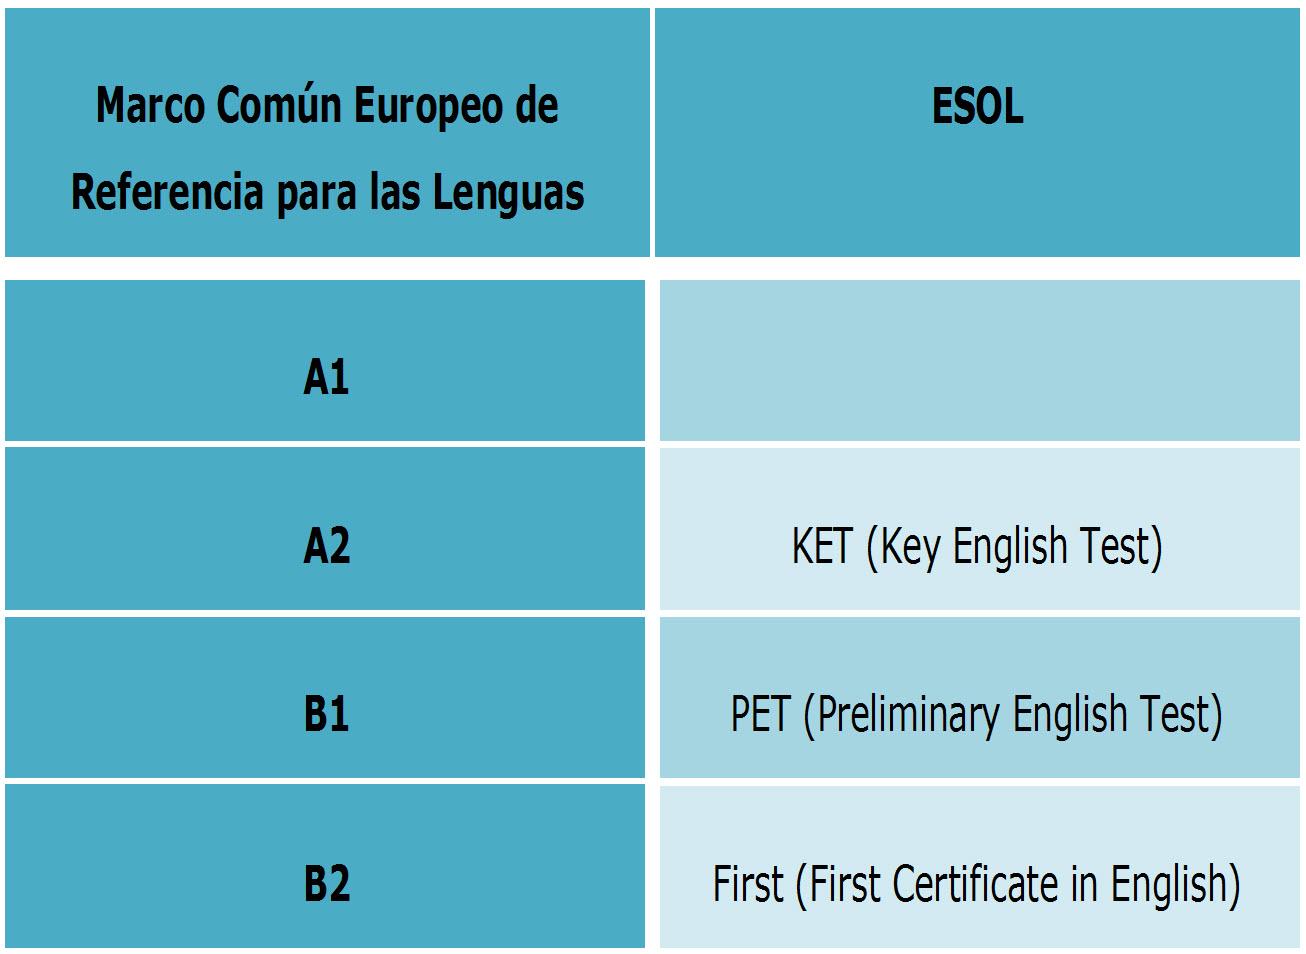 Correspondencias Marco común europeo de referencia para las lenguas y exámenes Cambridge